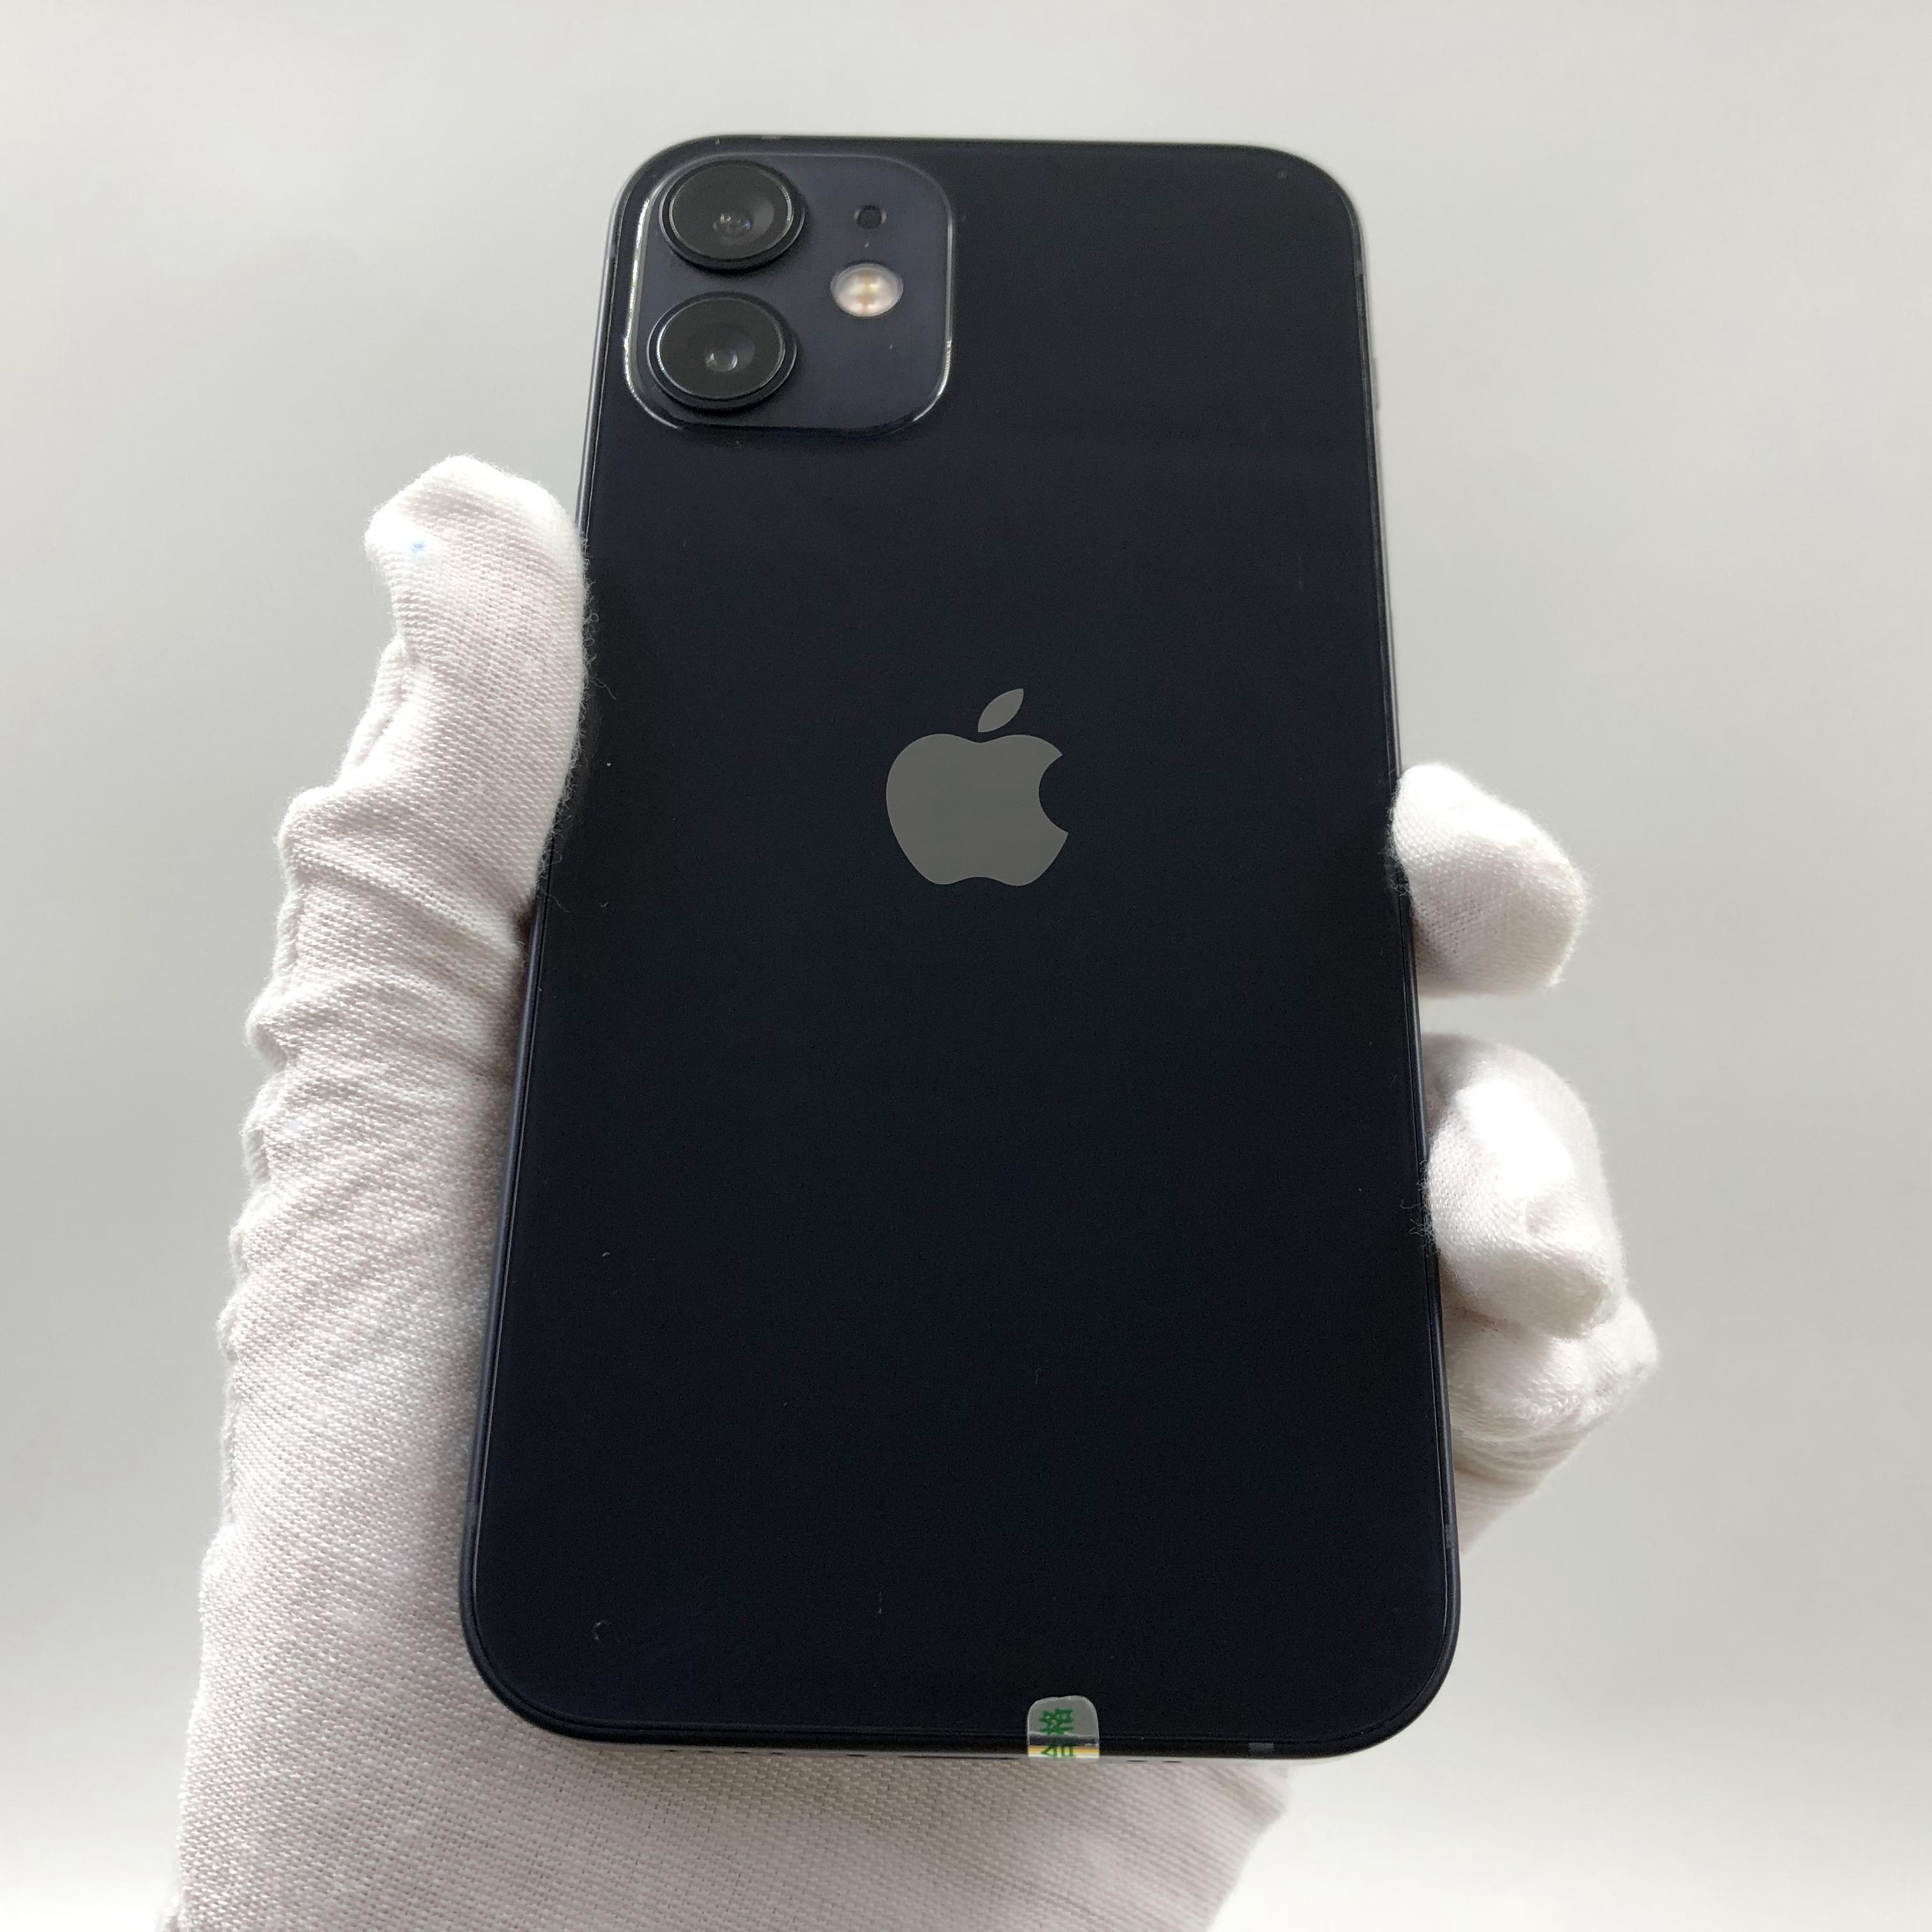 苹果【iPhone 12 mini】5G全网通 黑色 128G 国行 99新 真机实拍保修2022-03-05